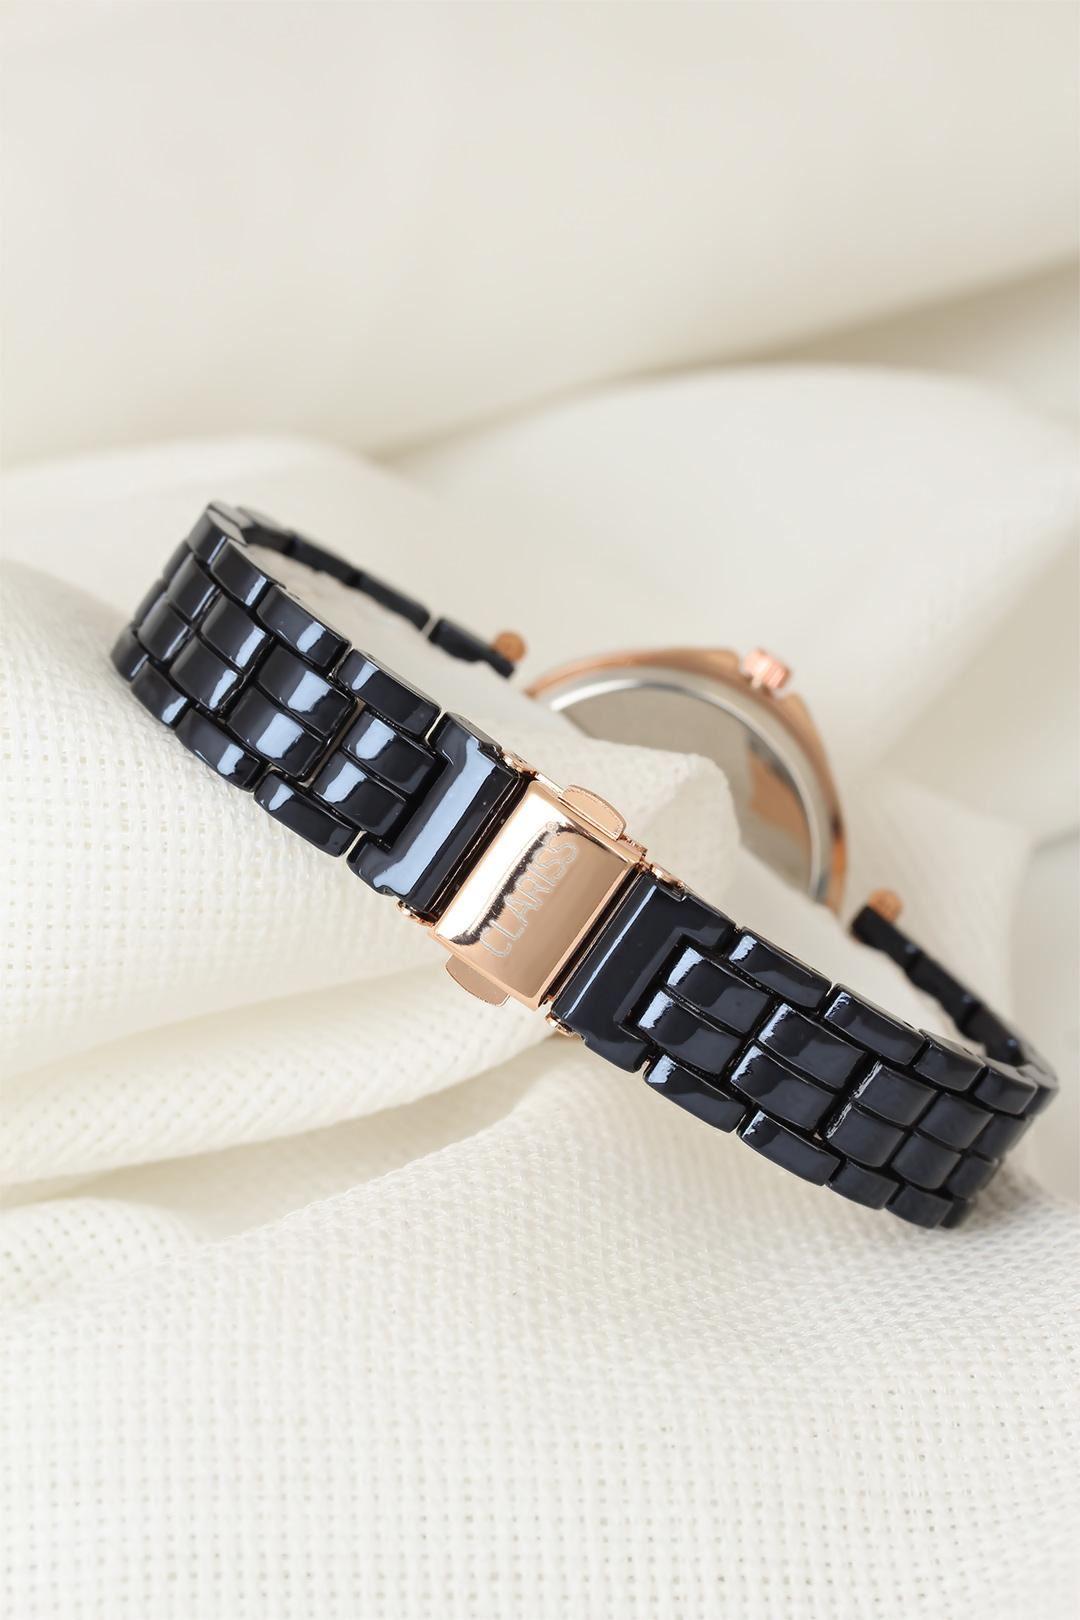 Lacivert Renk Metal Kordonlu Zirkon Taşlı İç Tasarımlı Clariss Marka Bayan Kol Saati